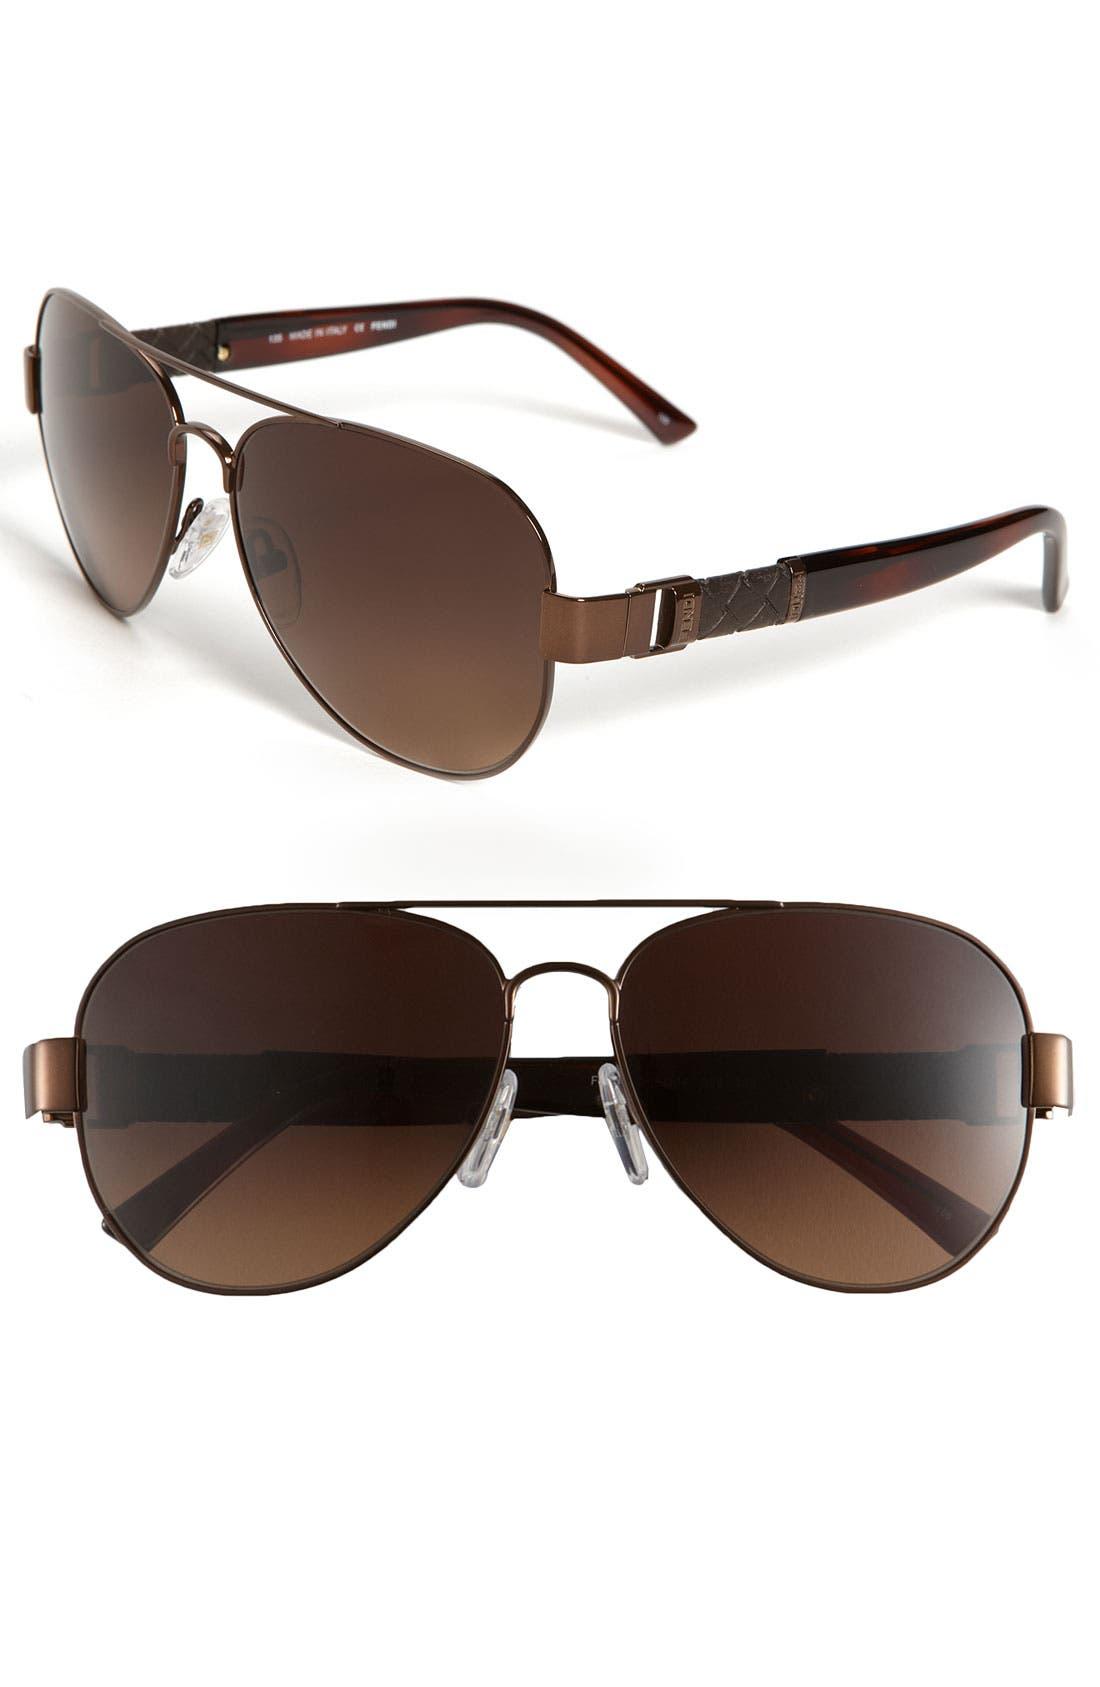 Alternate Image 1 Selected - Fendi Metal Aviator Sunglasses